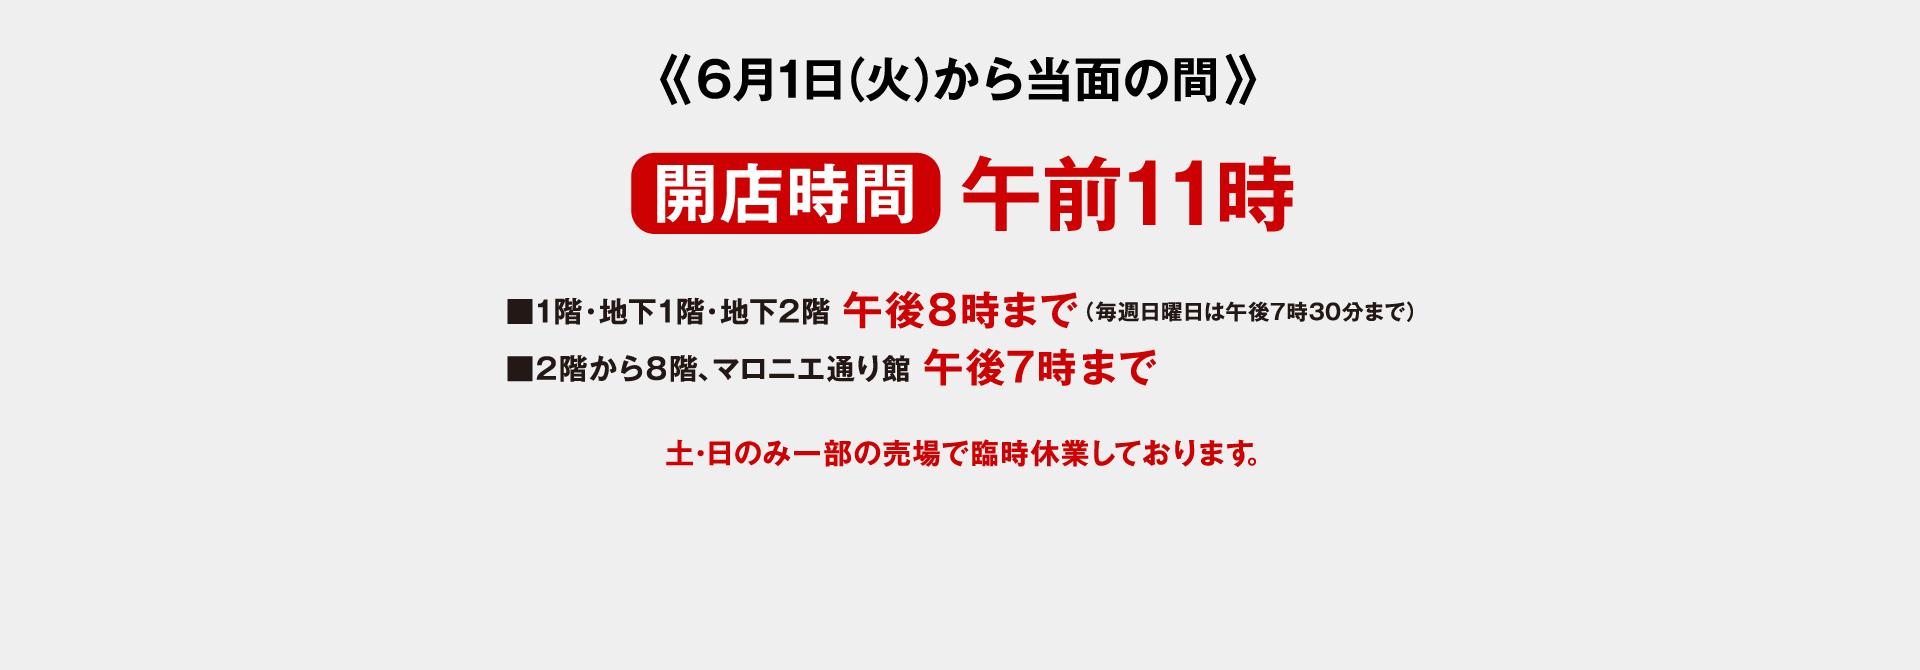 6月1日(火)からの営業時間